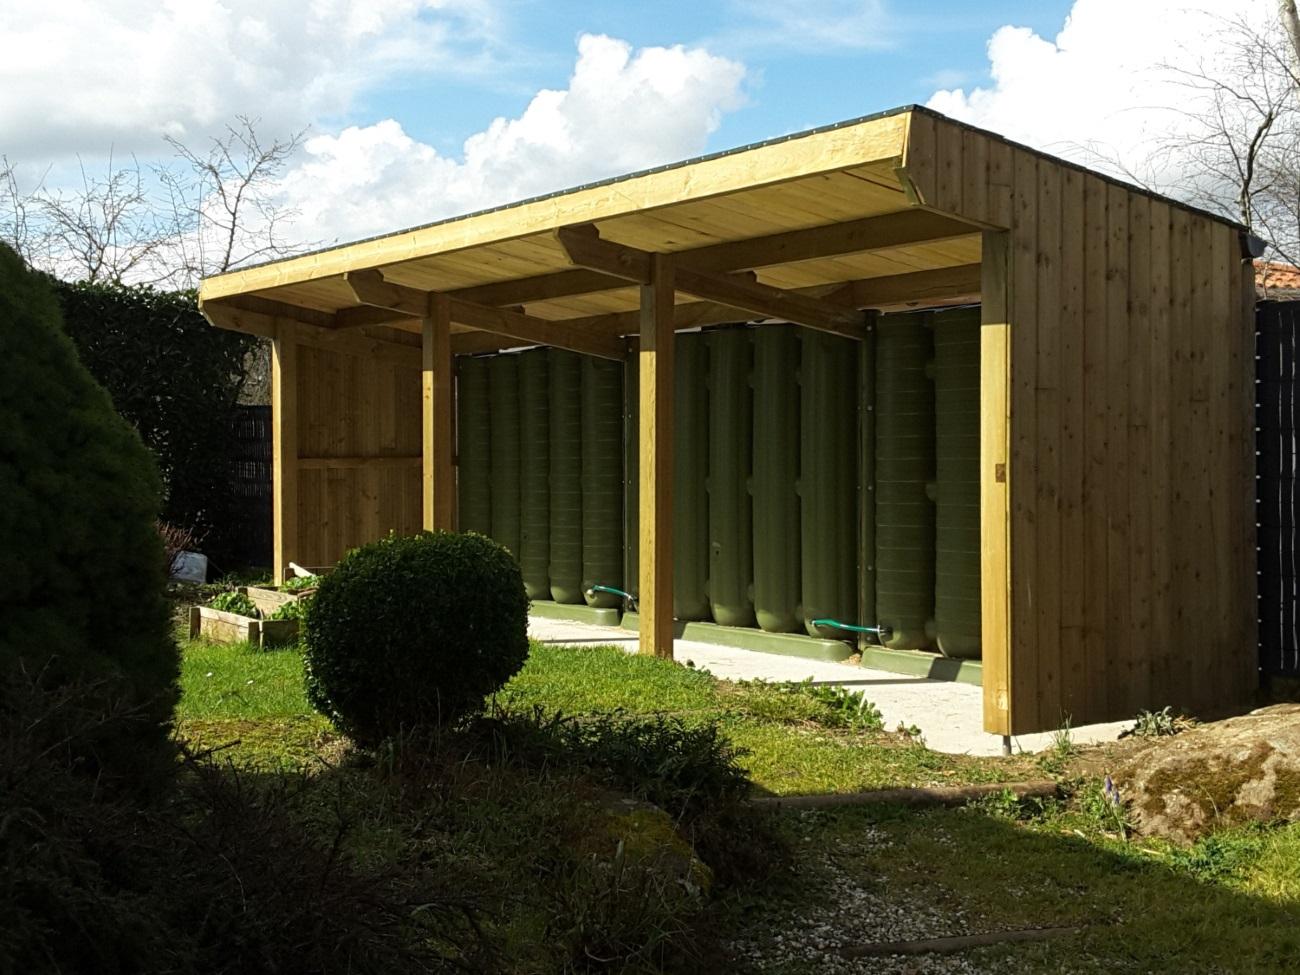 Abris Bois Et Réserve D'eau : Loire - Atlantique. - Ecol'eaumur encequiconcerne Gouttière Pour Abri De Jardin